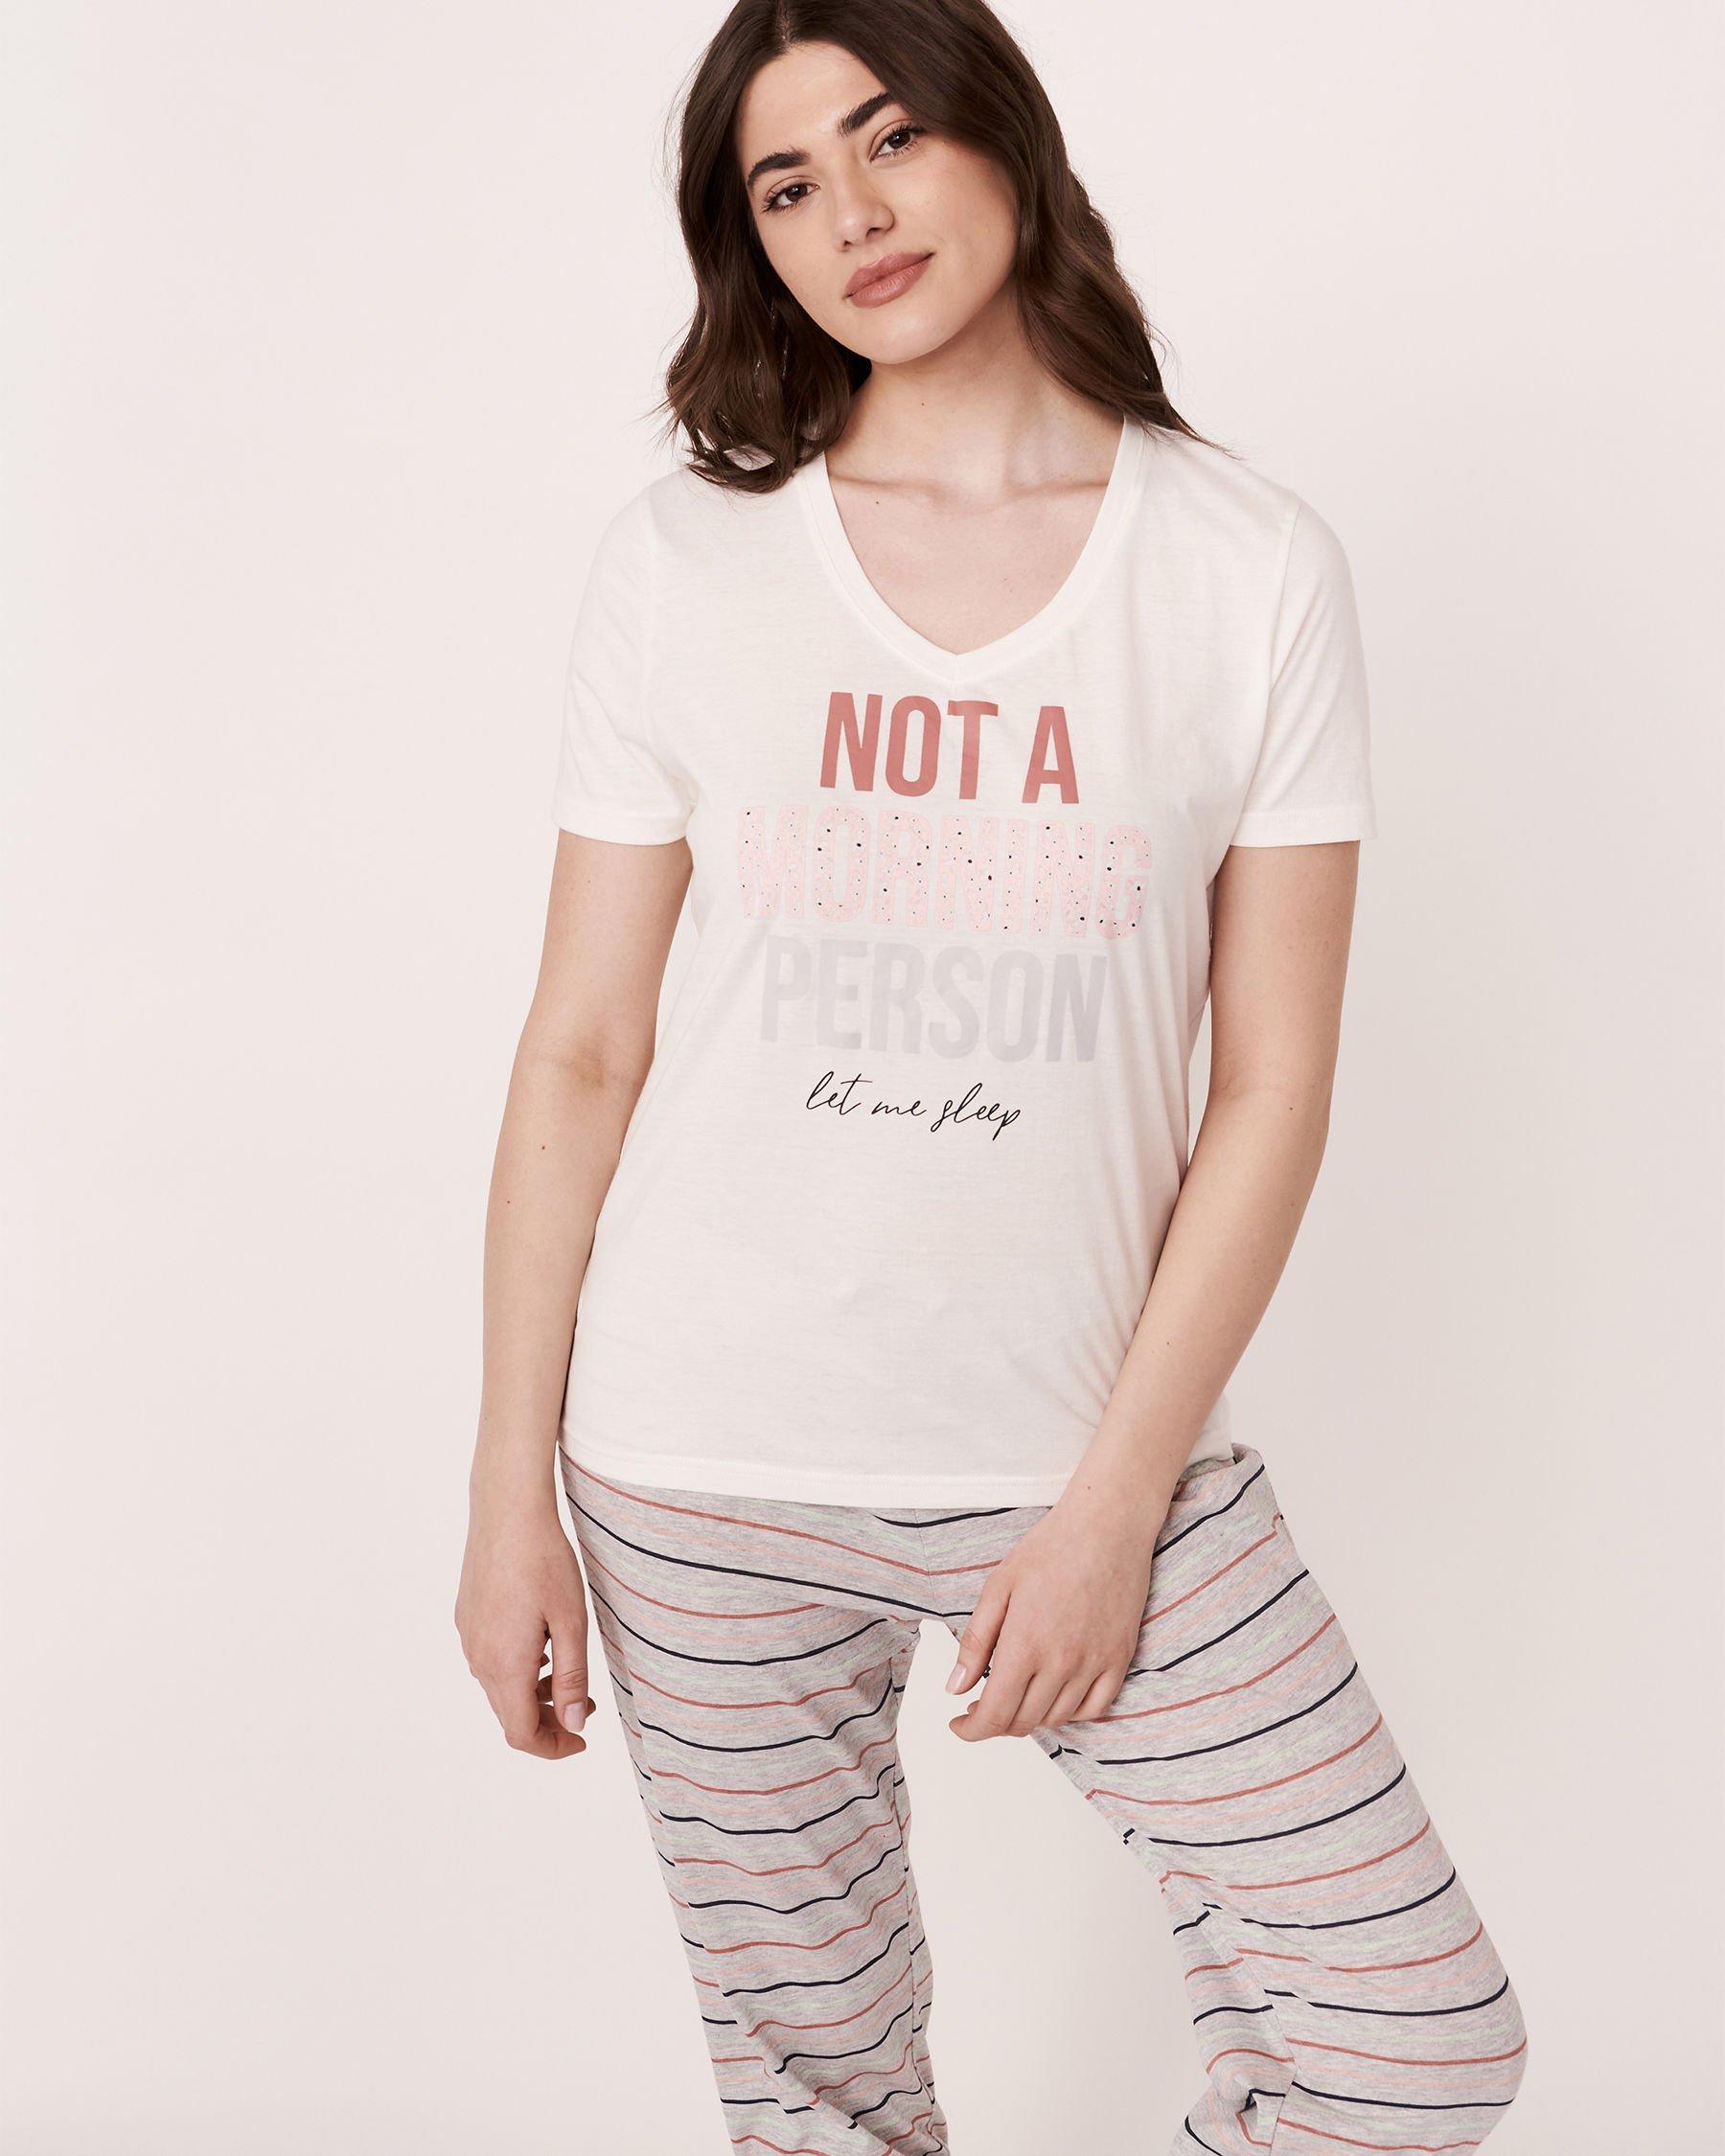 LA VIE EN ROSE V-neckline T-Shirt White 40100114 - View2